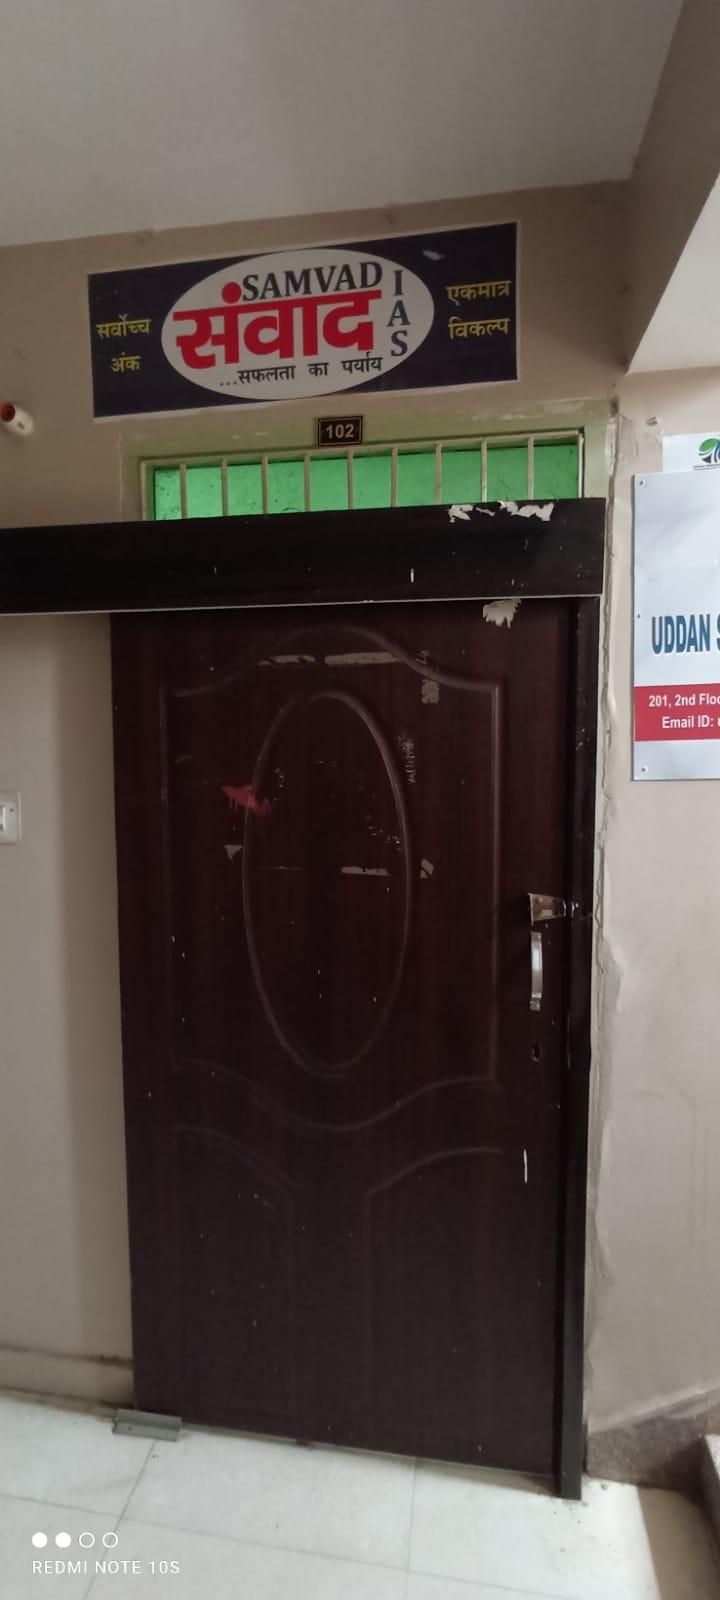 SAMVAD IAS Logo